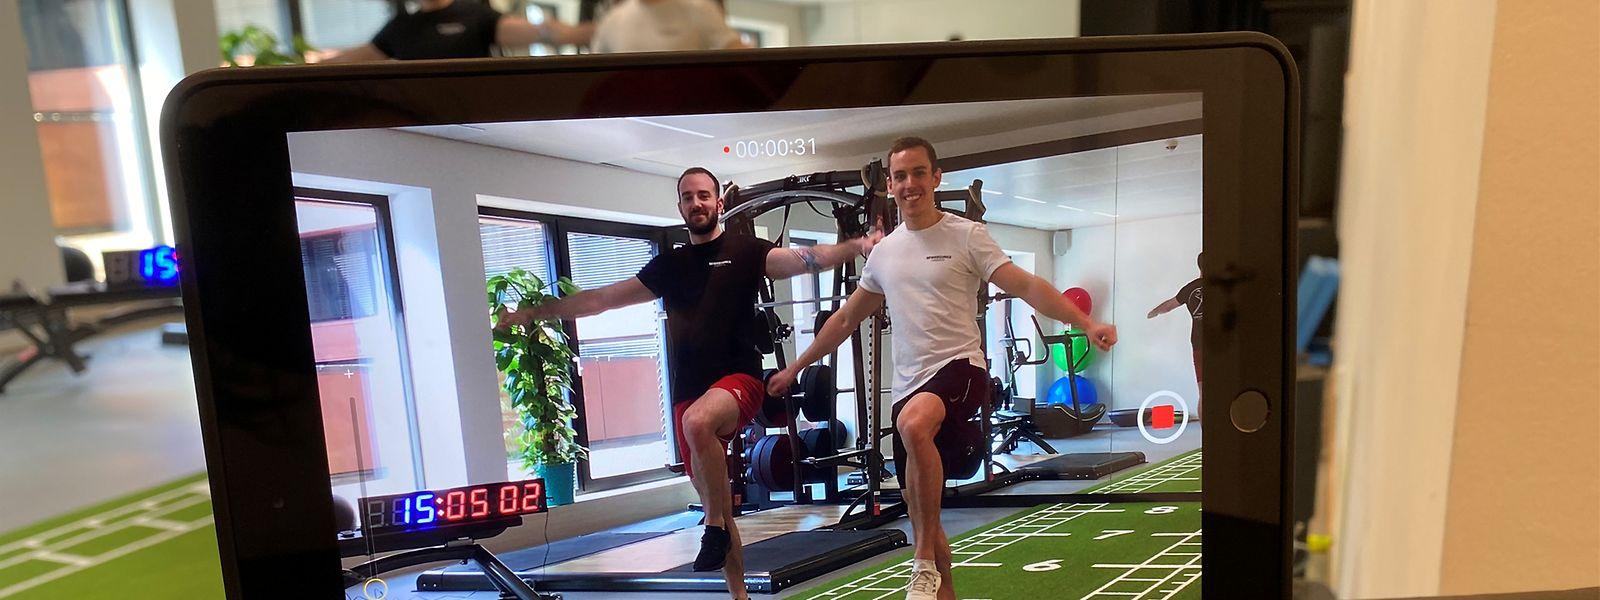 """Rick Horsmans (l.) und Pol Bidaine leiten die Physiotherapeuten-Praxis """"Beweegungsfabréck"""" in Belval. Während die Praxis wegen der Corona-Krise geschlossen ist, bieten sie gratis Online-Kurse an."""